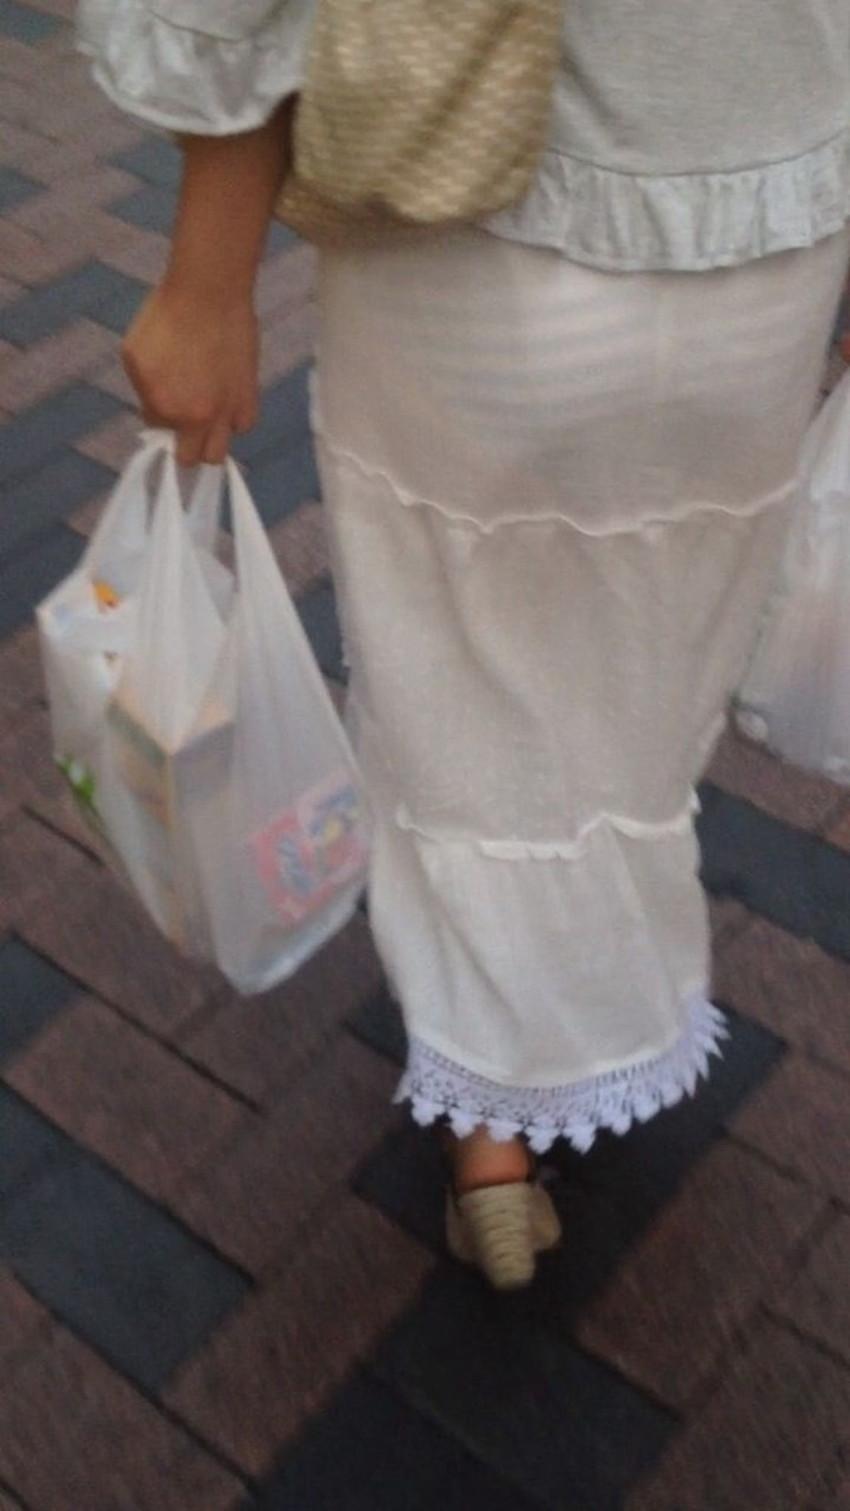 【透けパンツエロ画像】パンツ丸見えよりもタイトスカートや履いて下着が透けてる素人女子のほうが興奮しちゃう透けパンツのエロ画像酒!ww【80枚】 45